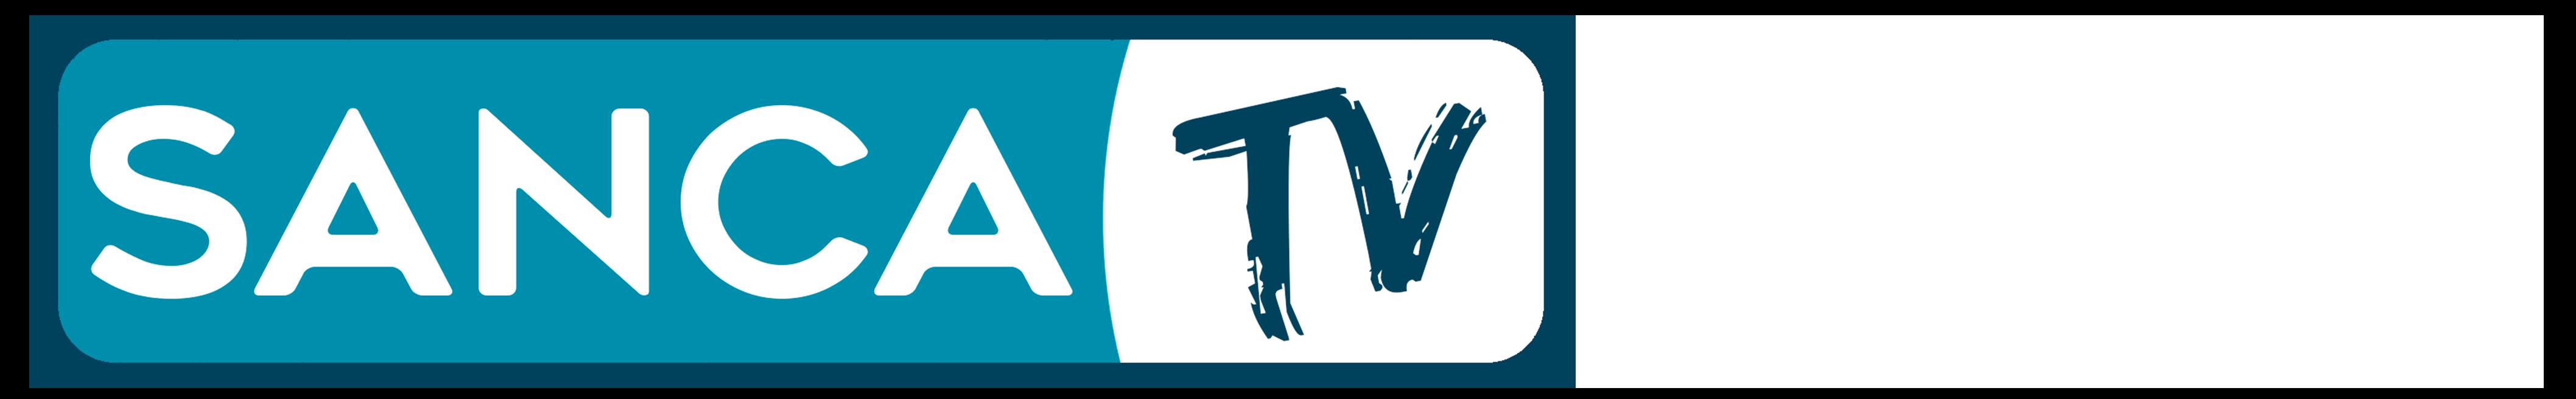 Sanca TV